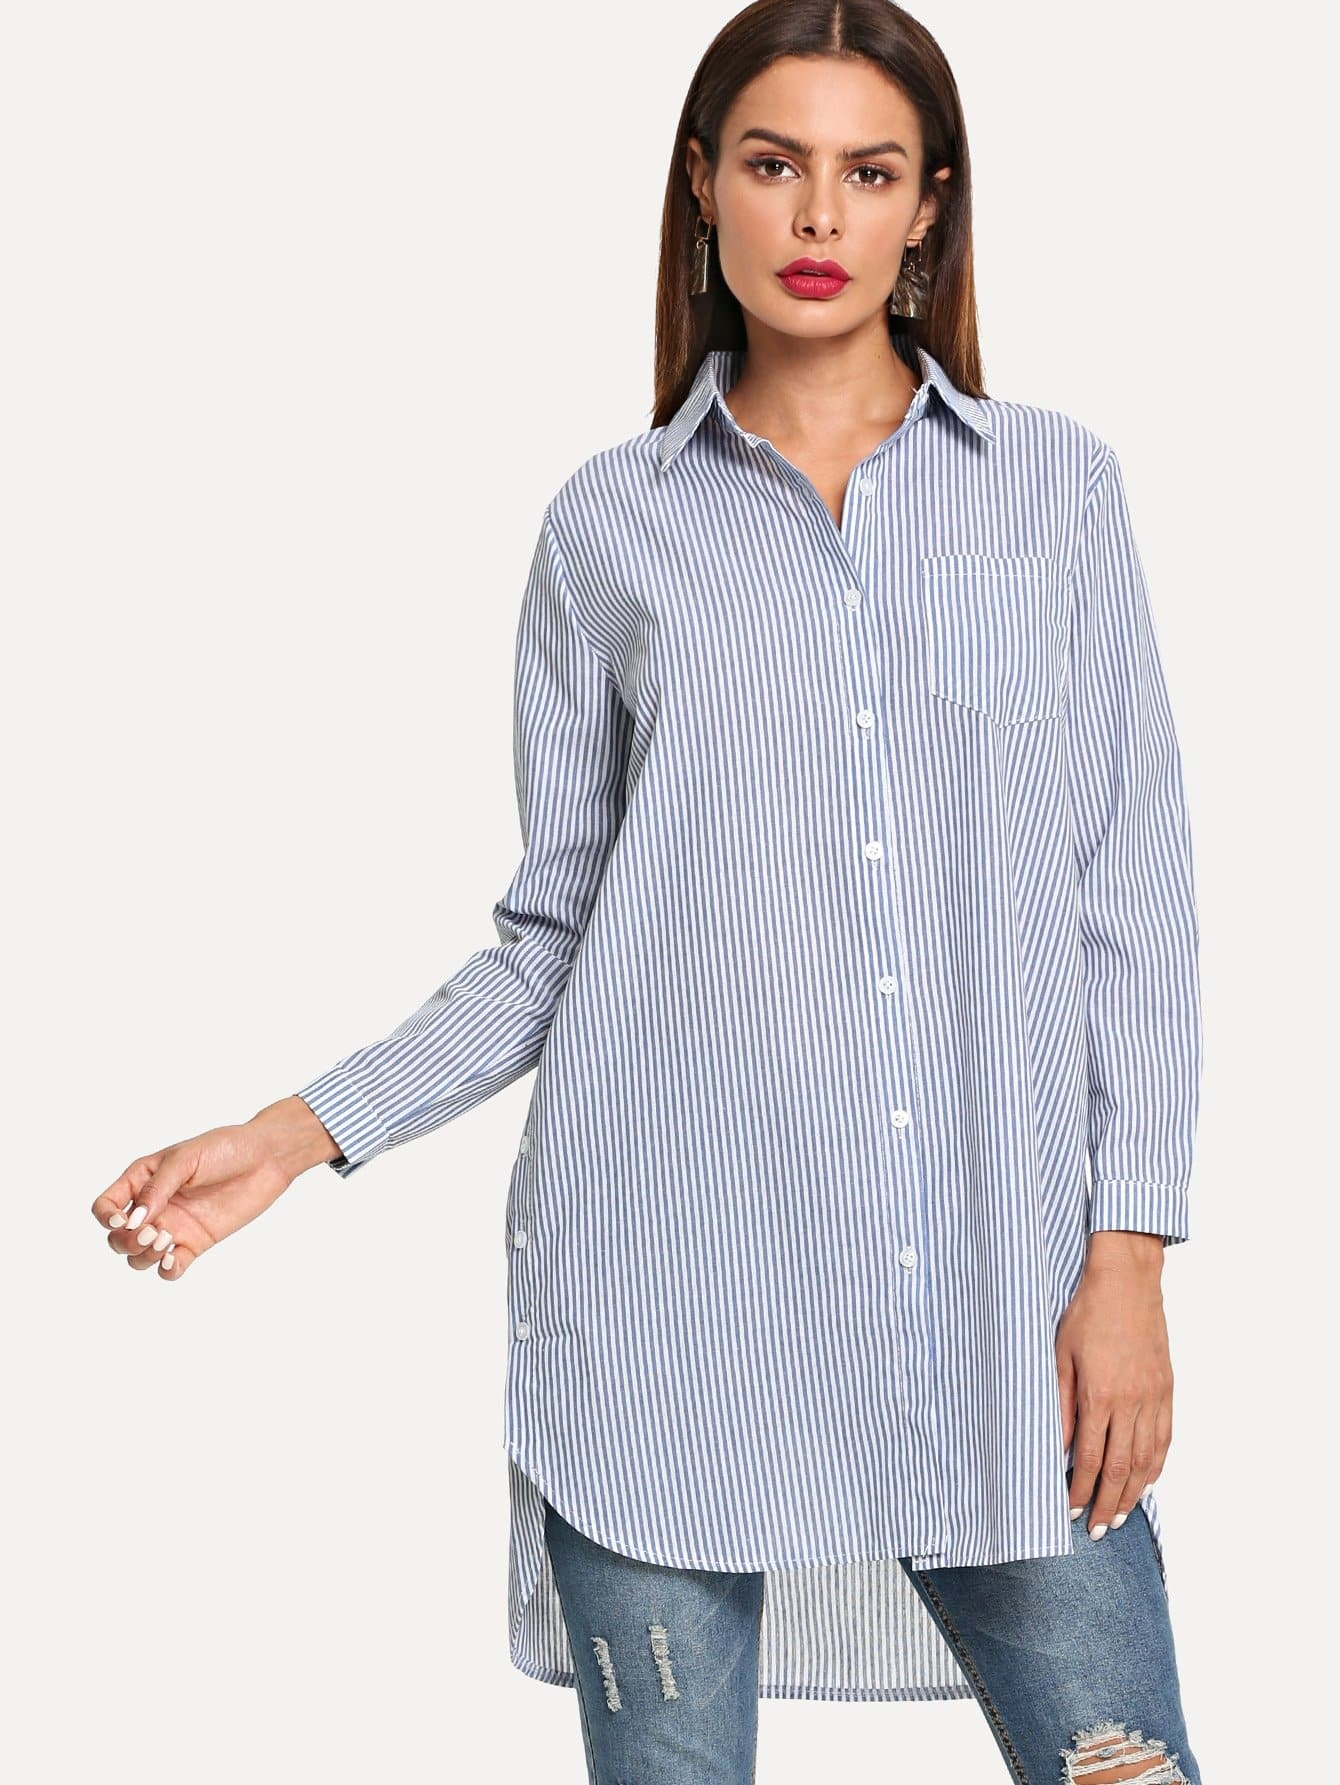 81e2539ceb21 Shoppr - Fashion & Beauty Search & Shopping For Women